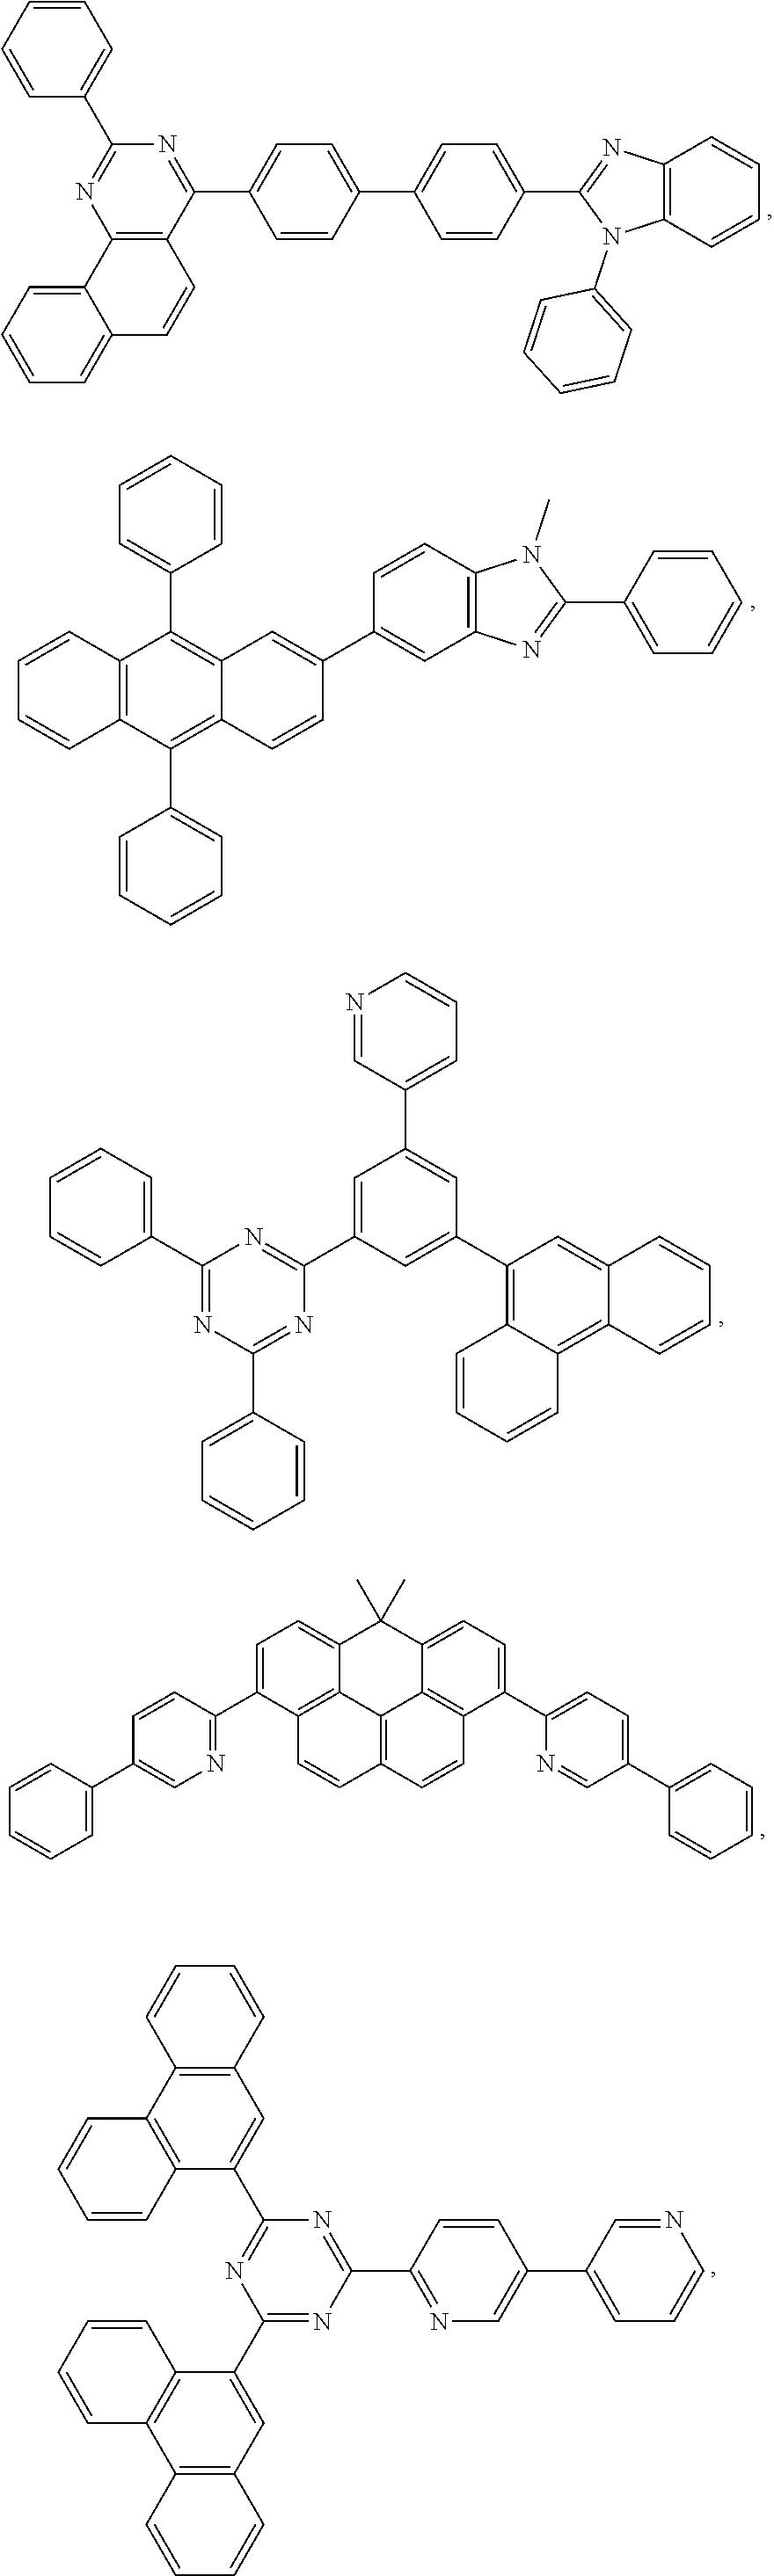 Figure US20190161504A1-20190530-C00088